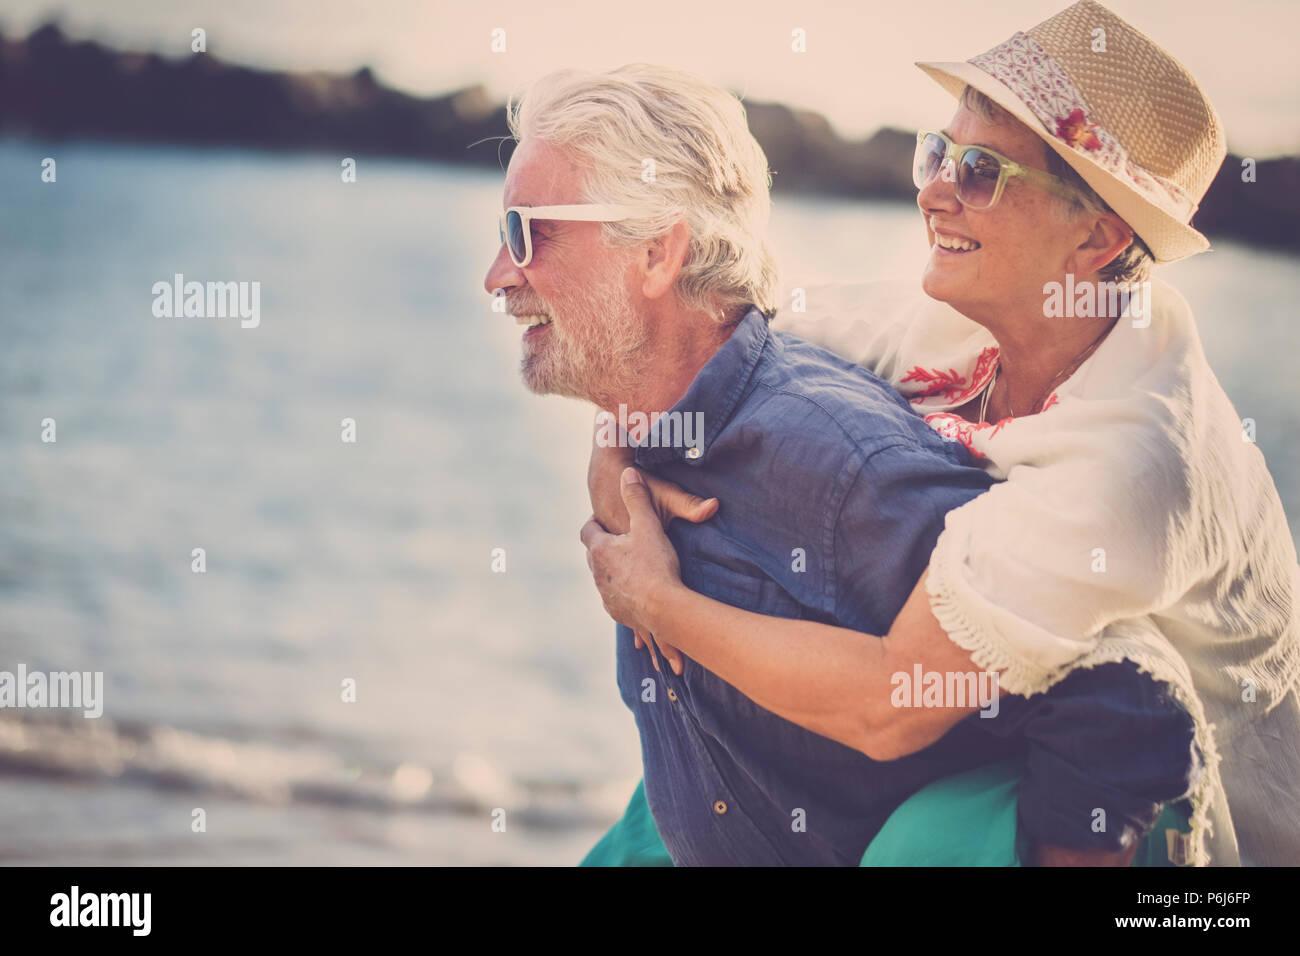 Feliz pareja senior de divertirse y disfrutar de actividades de ocio al aire libre en la playa. El hombre llevar a la mujer sobre su espalda para disfrutar juntos un jubilado lifestyl Foto de stock